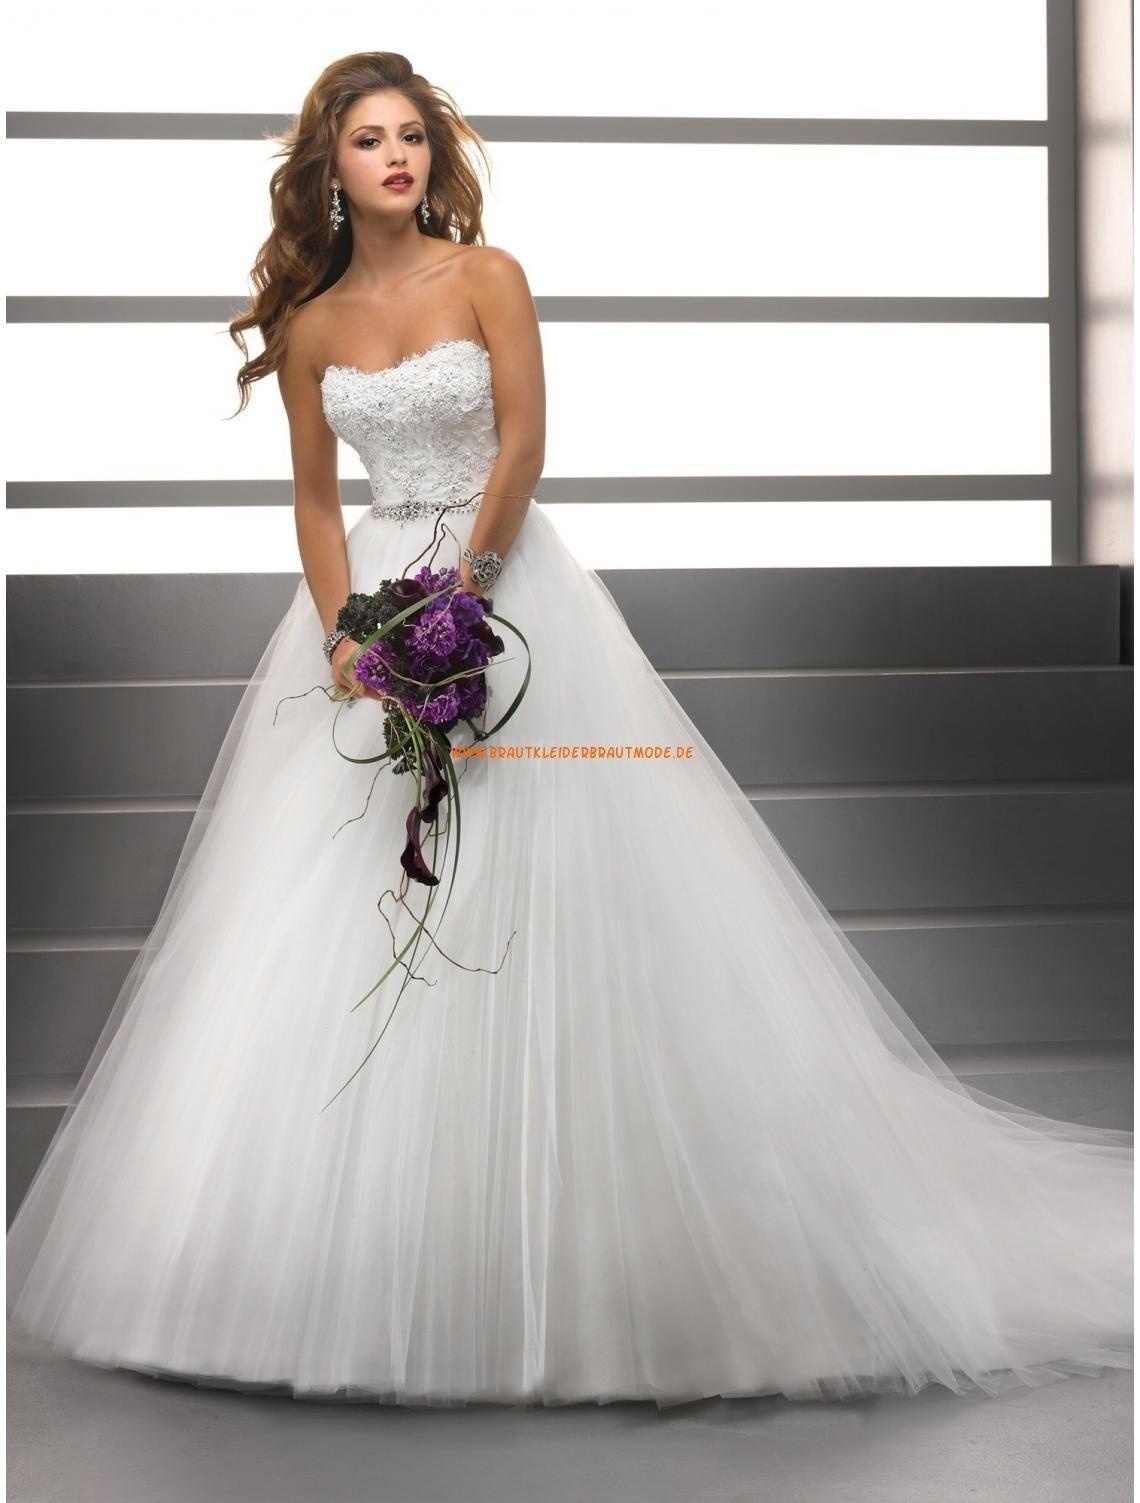 15 Ausgezeichnet Schöne Brautkleider Bester Preis13 Schön Schöne Brautkleider Ärmel